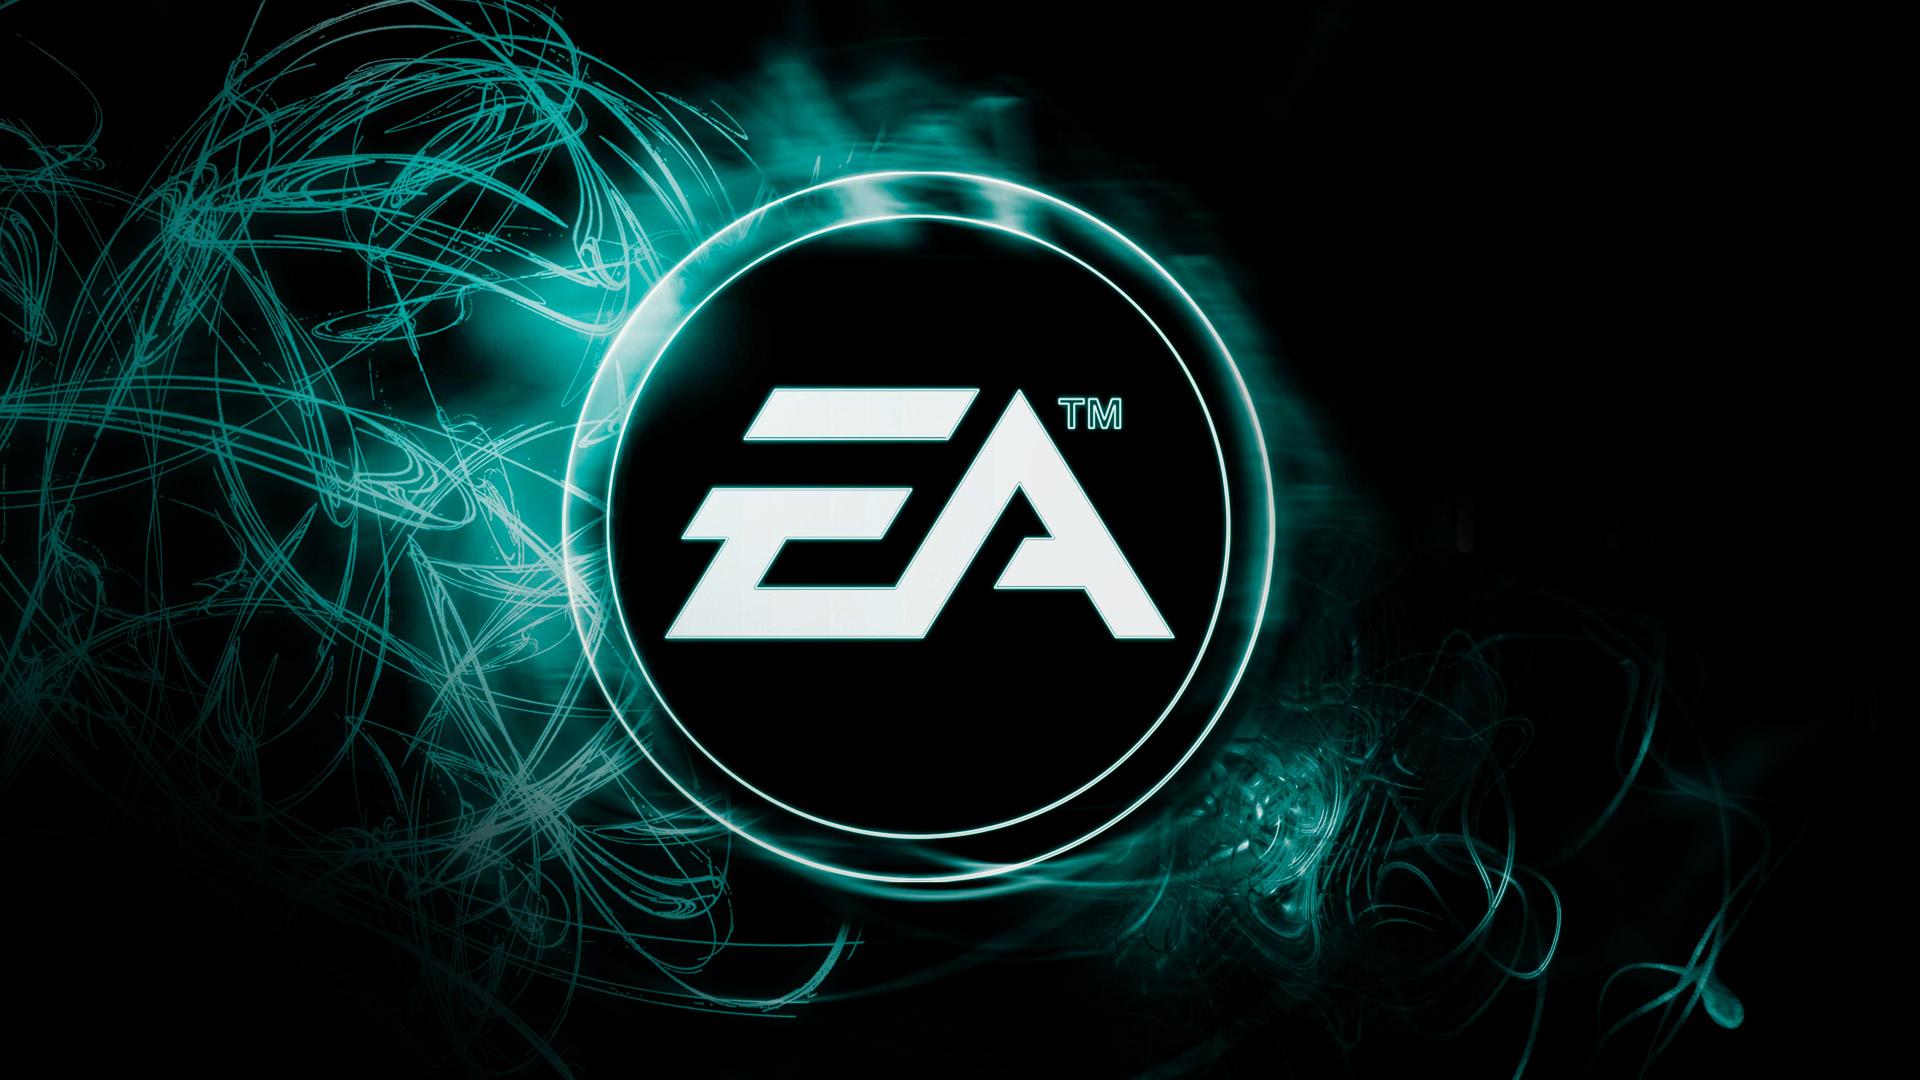 EAиKonami отменяют киберспортивные турниры из-за коронавируса